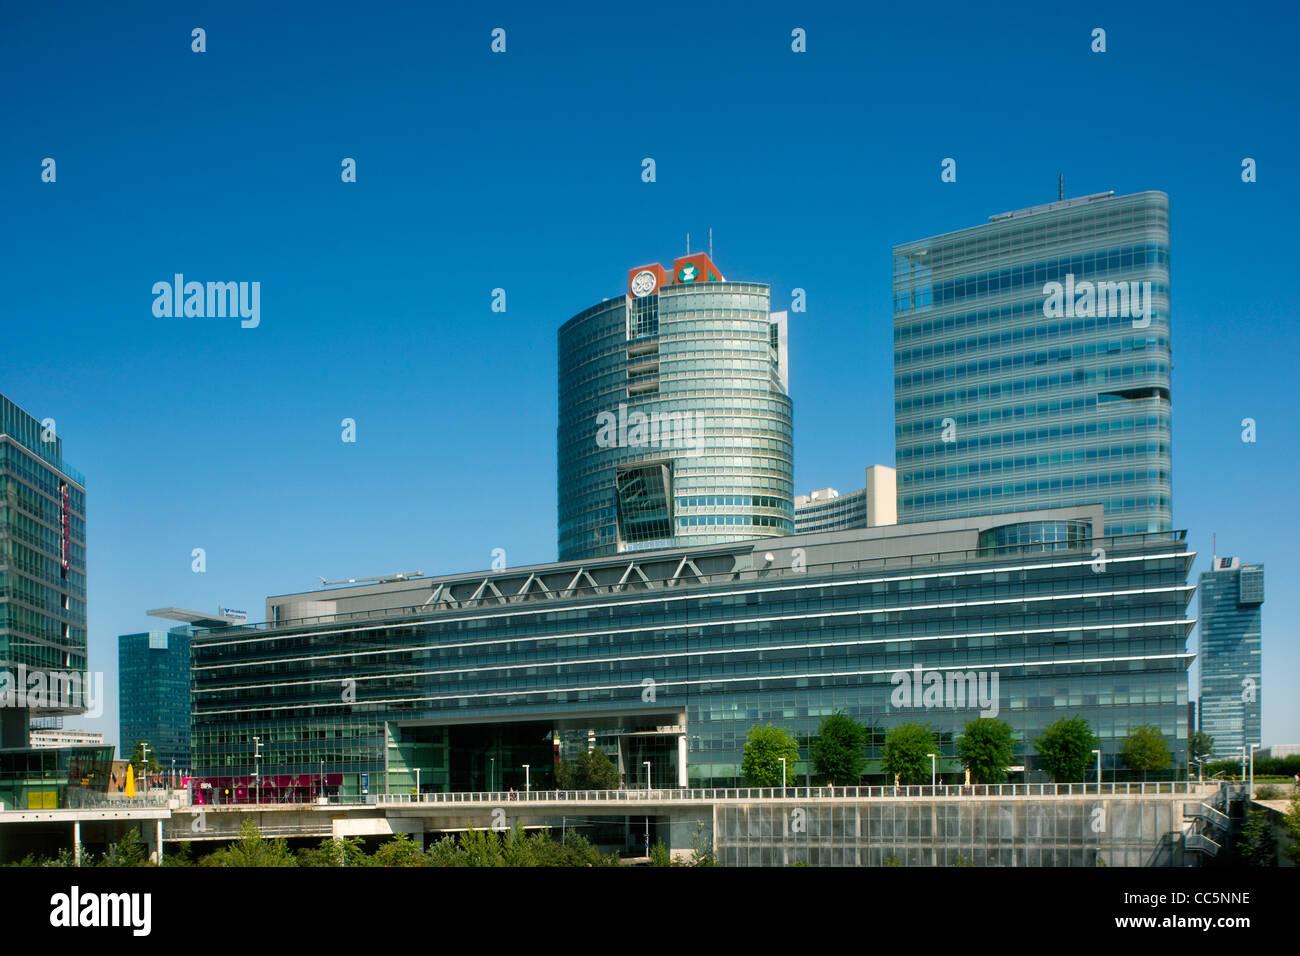 Österreich, Wien 22, Donaucity - Stock Image